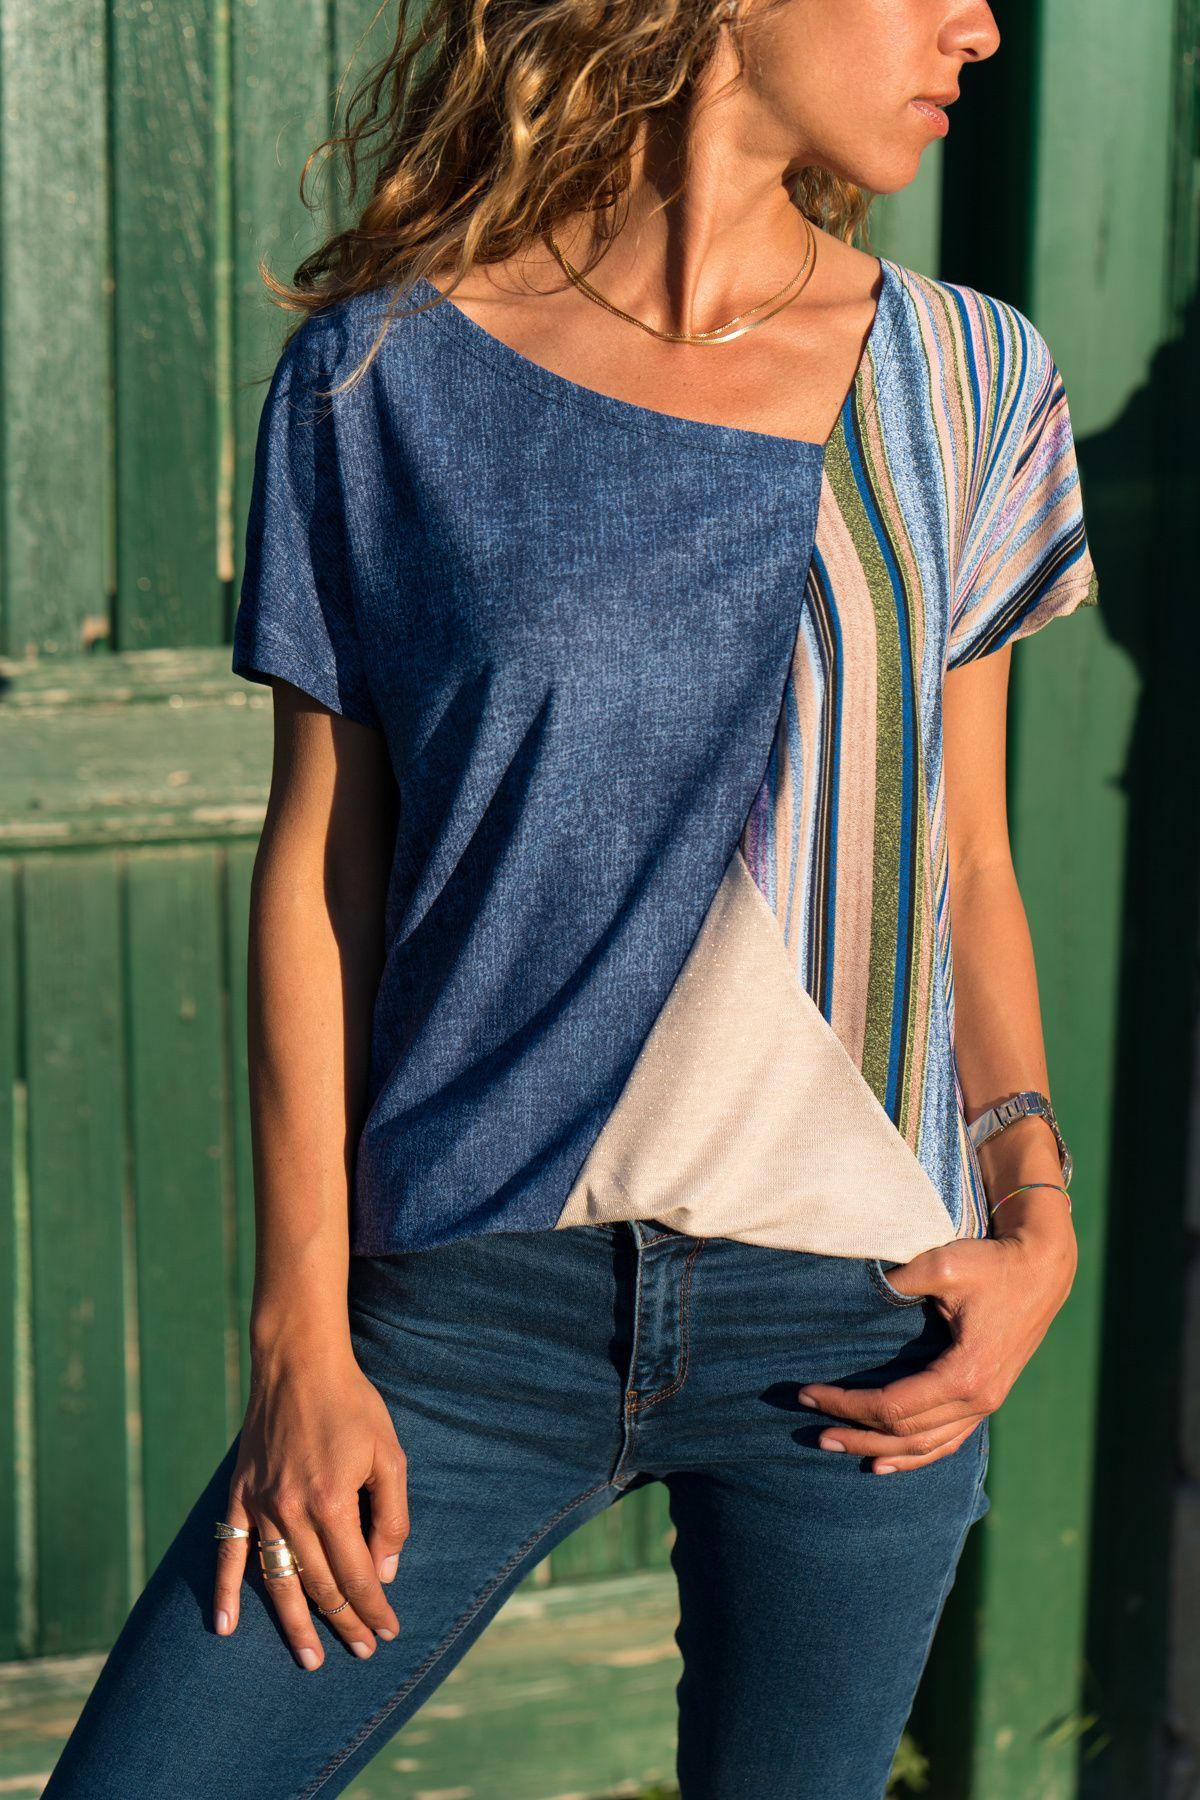 Kadin Mavi Cizgili Bloklu Bluz Trend Alacati Stili Trendyol Elbise Yeniden Tasarimlari Moda Stilleri Stil